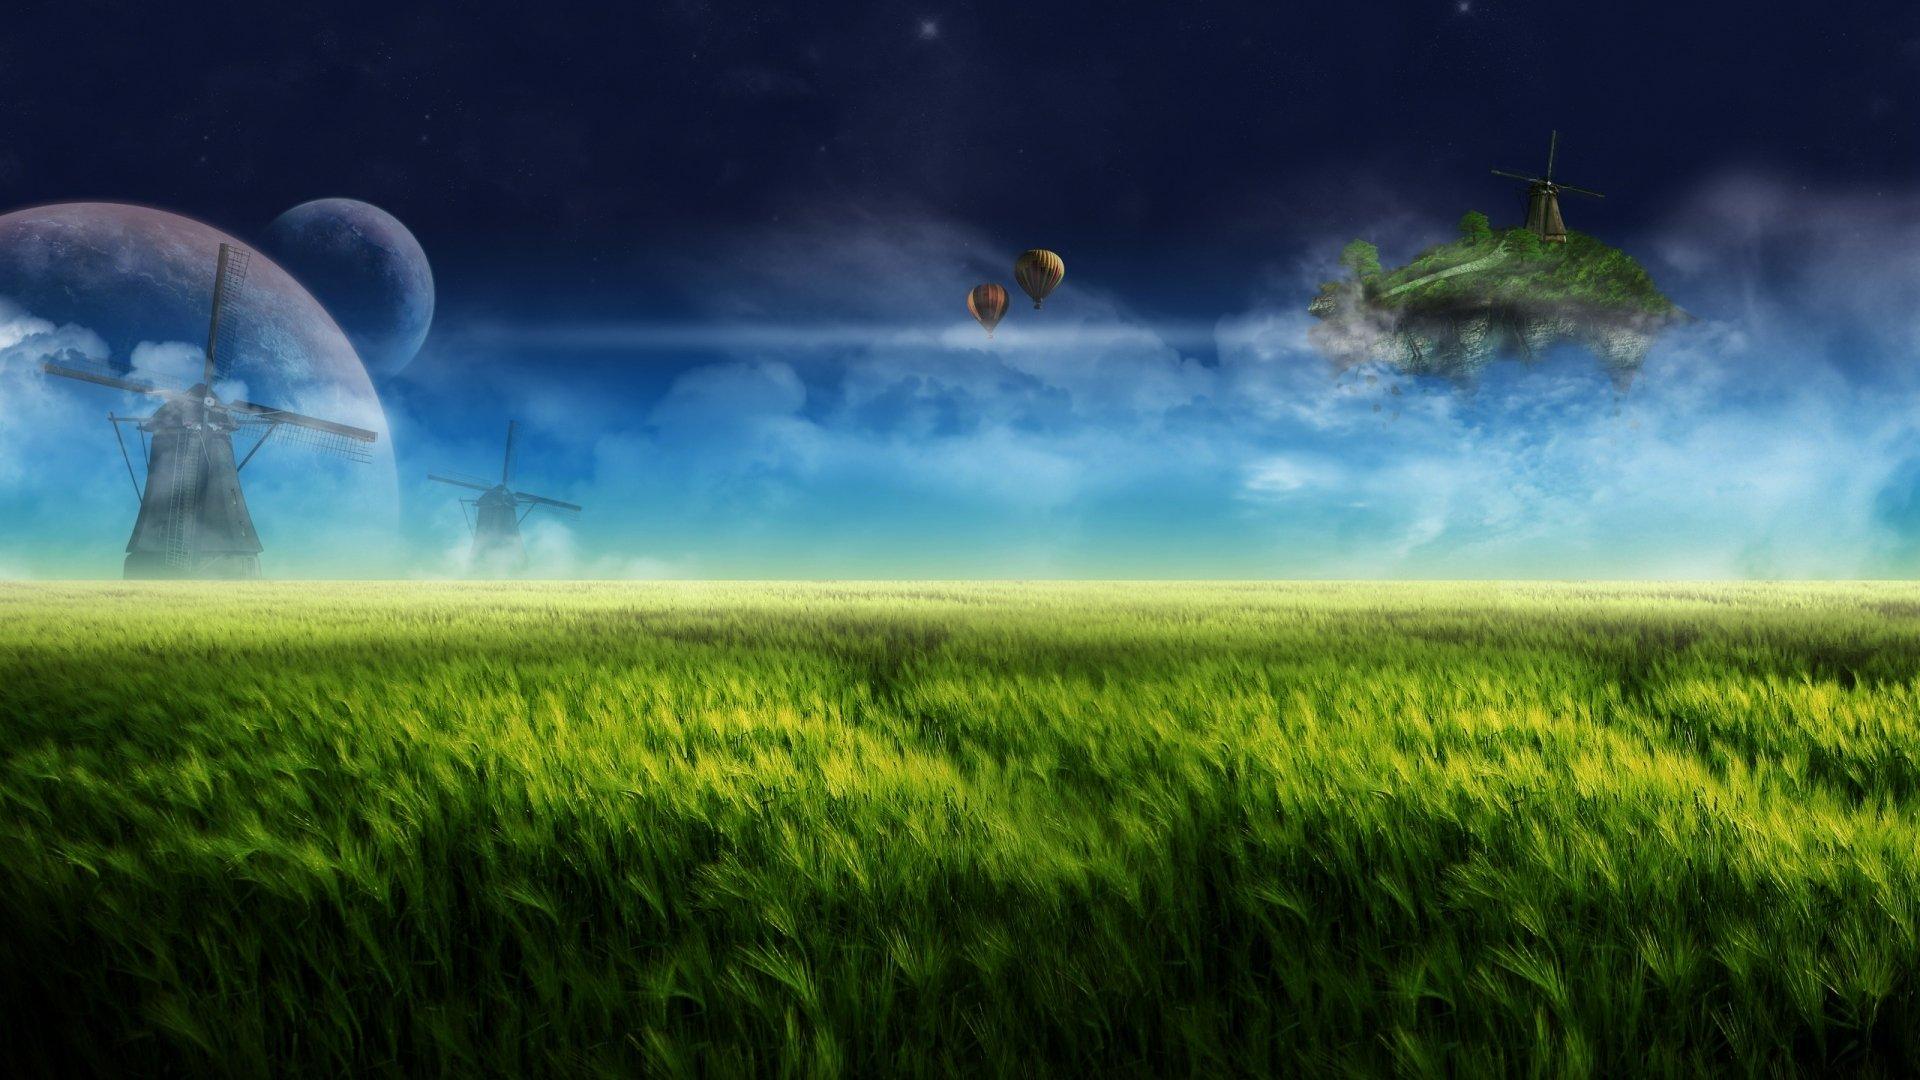 wallpaper-moving-images-wallpapers-beautiful-desktop.jpg